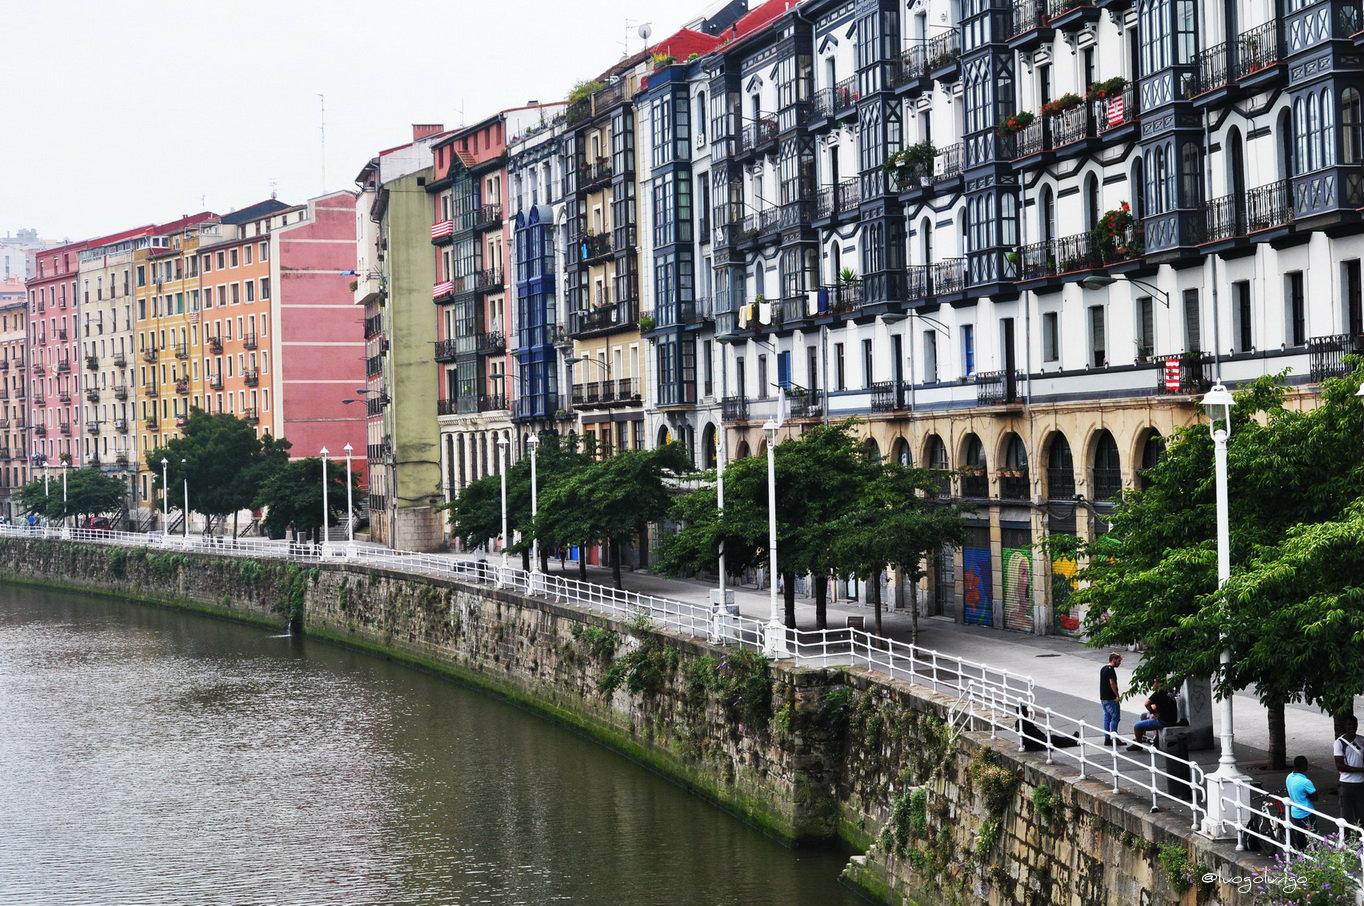 Viaggio On the Road da Bordeaux a Bilbao_Guggenheim_luOgoluNgo